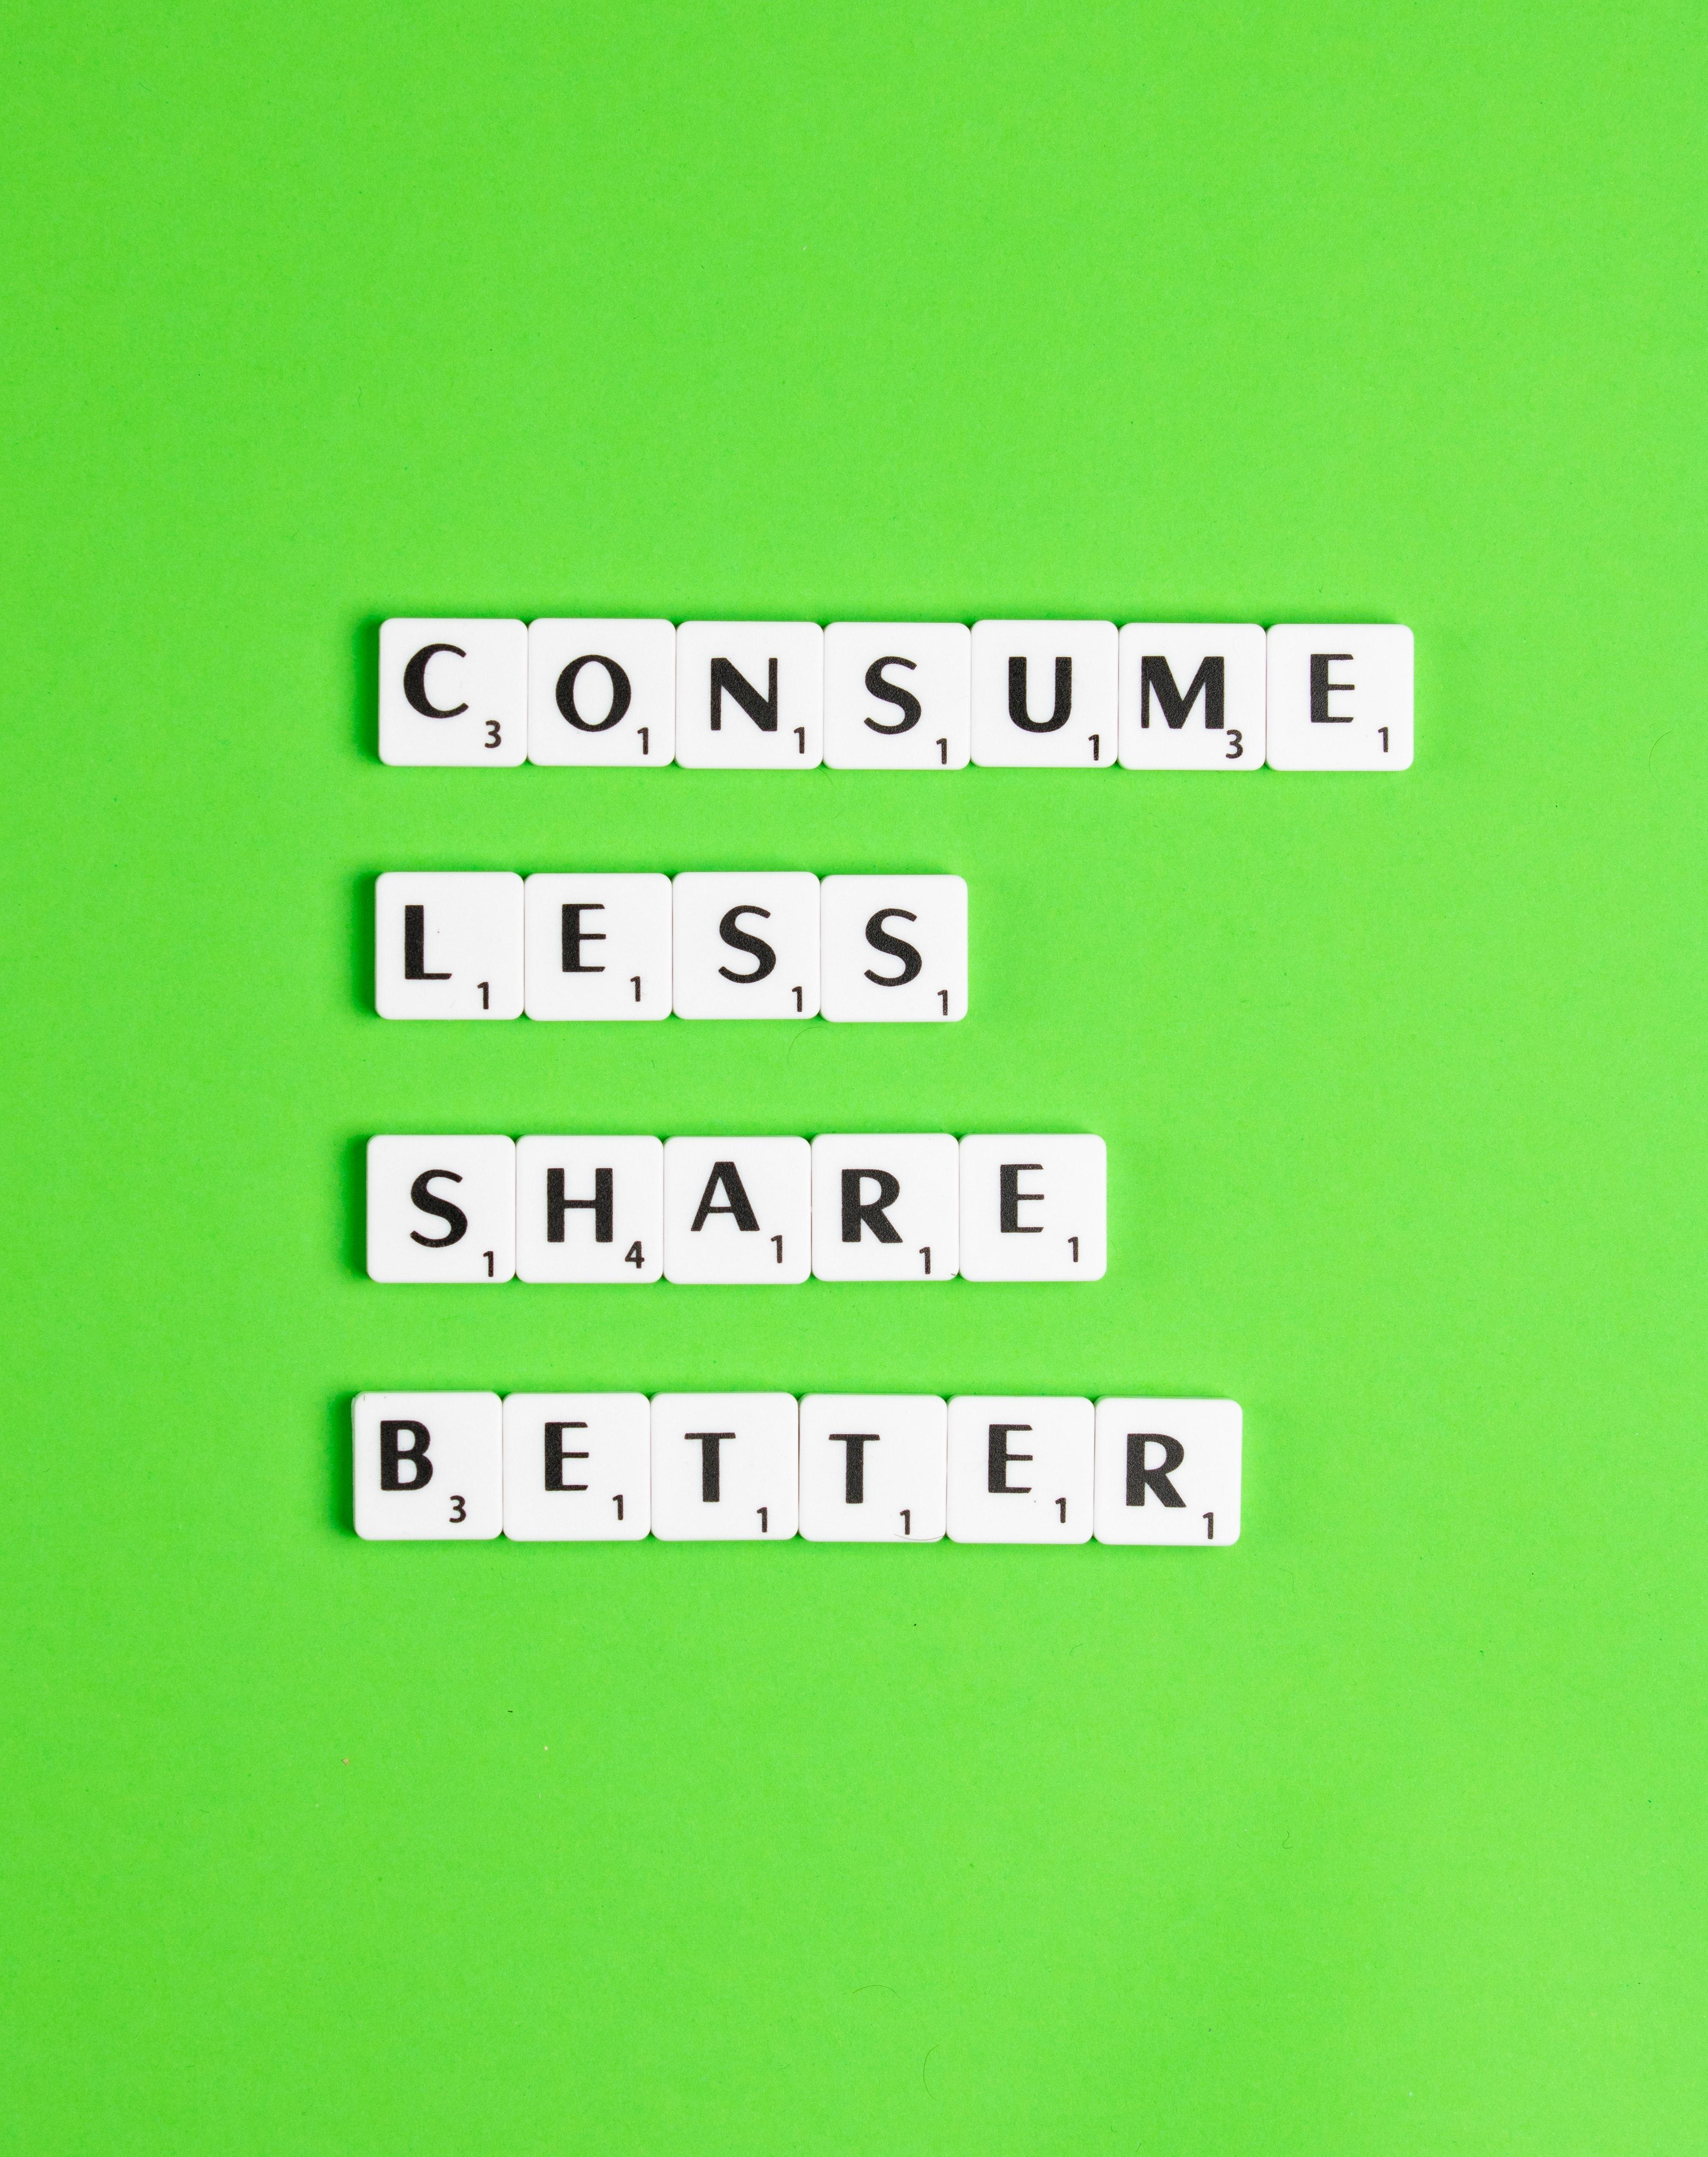 consume-lee---Green-economy